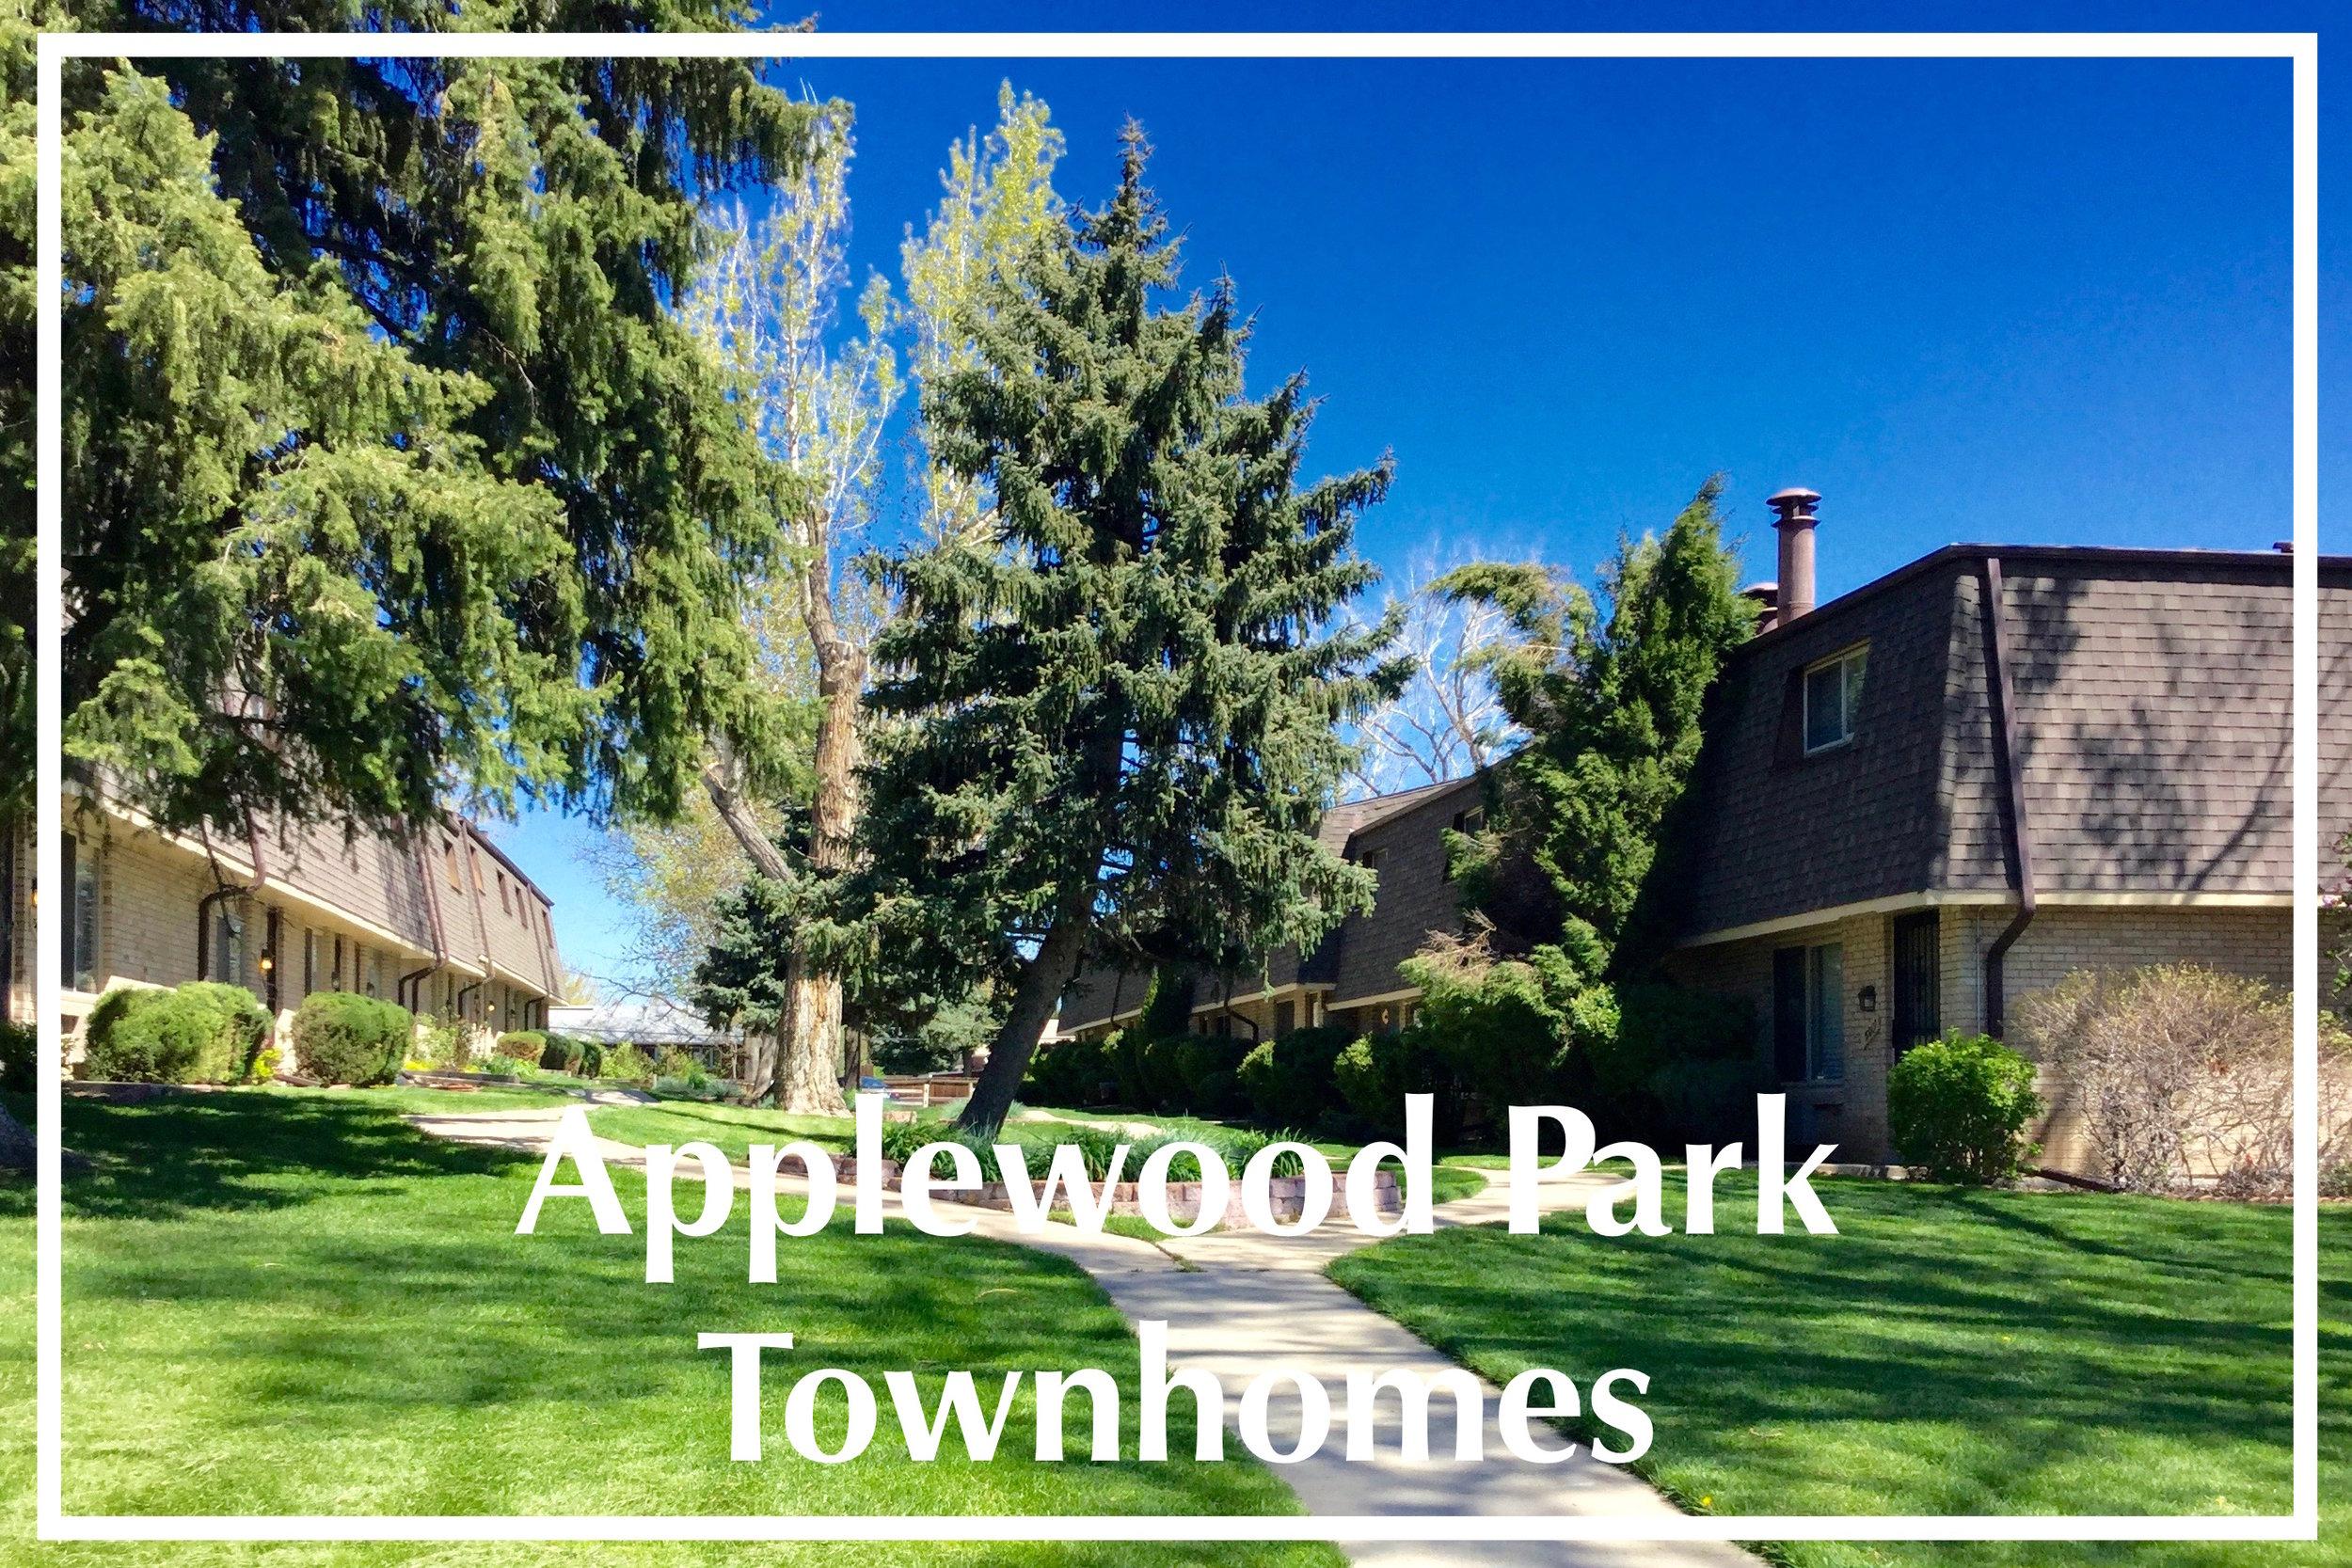 Applewood Park Townhomes.jpg